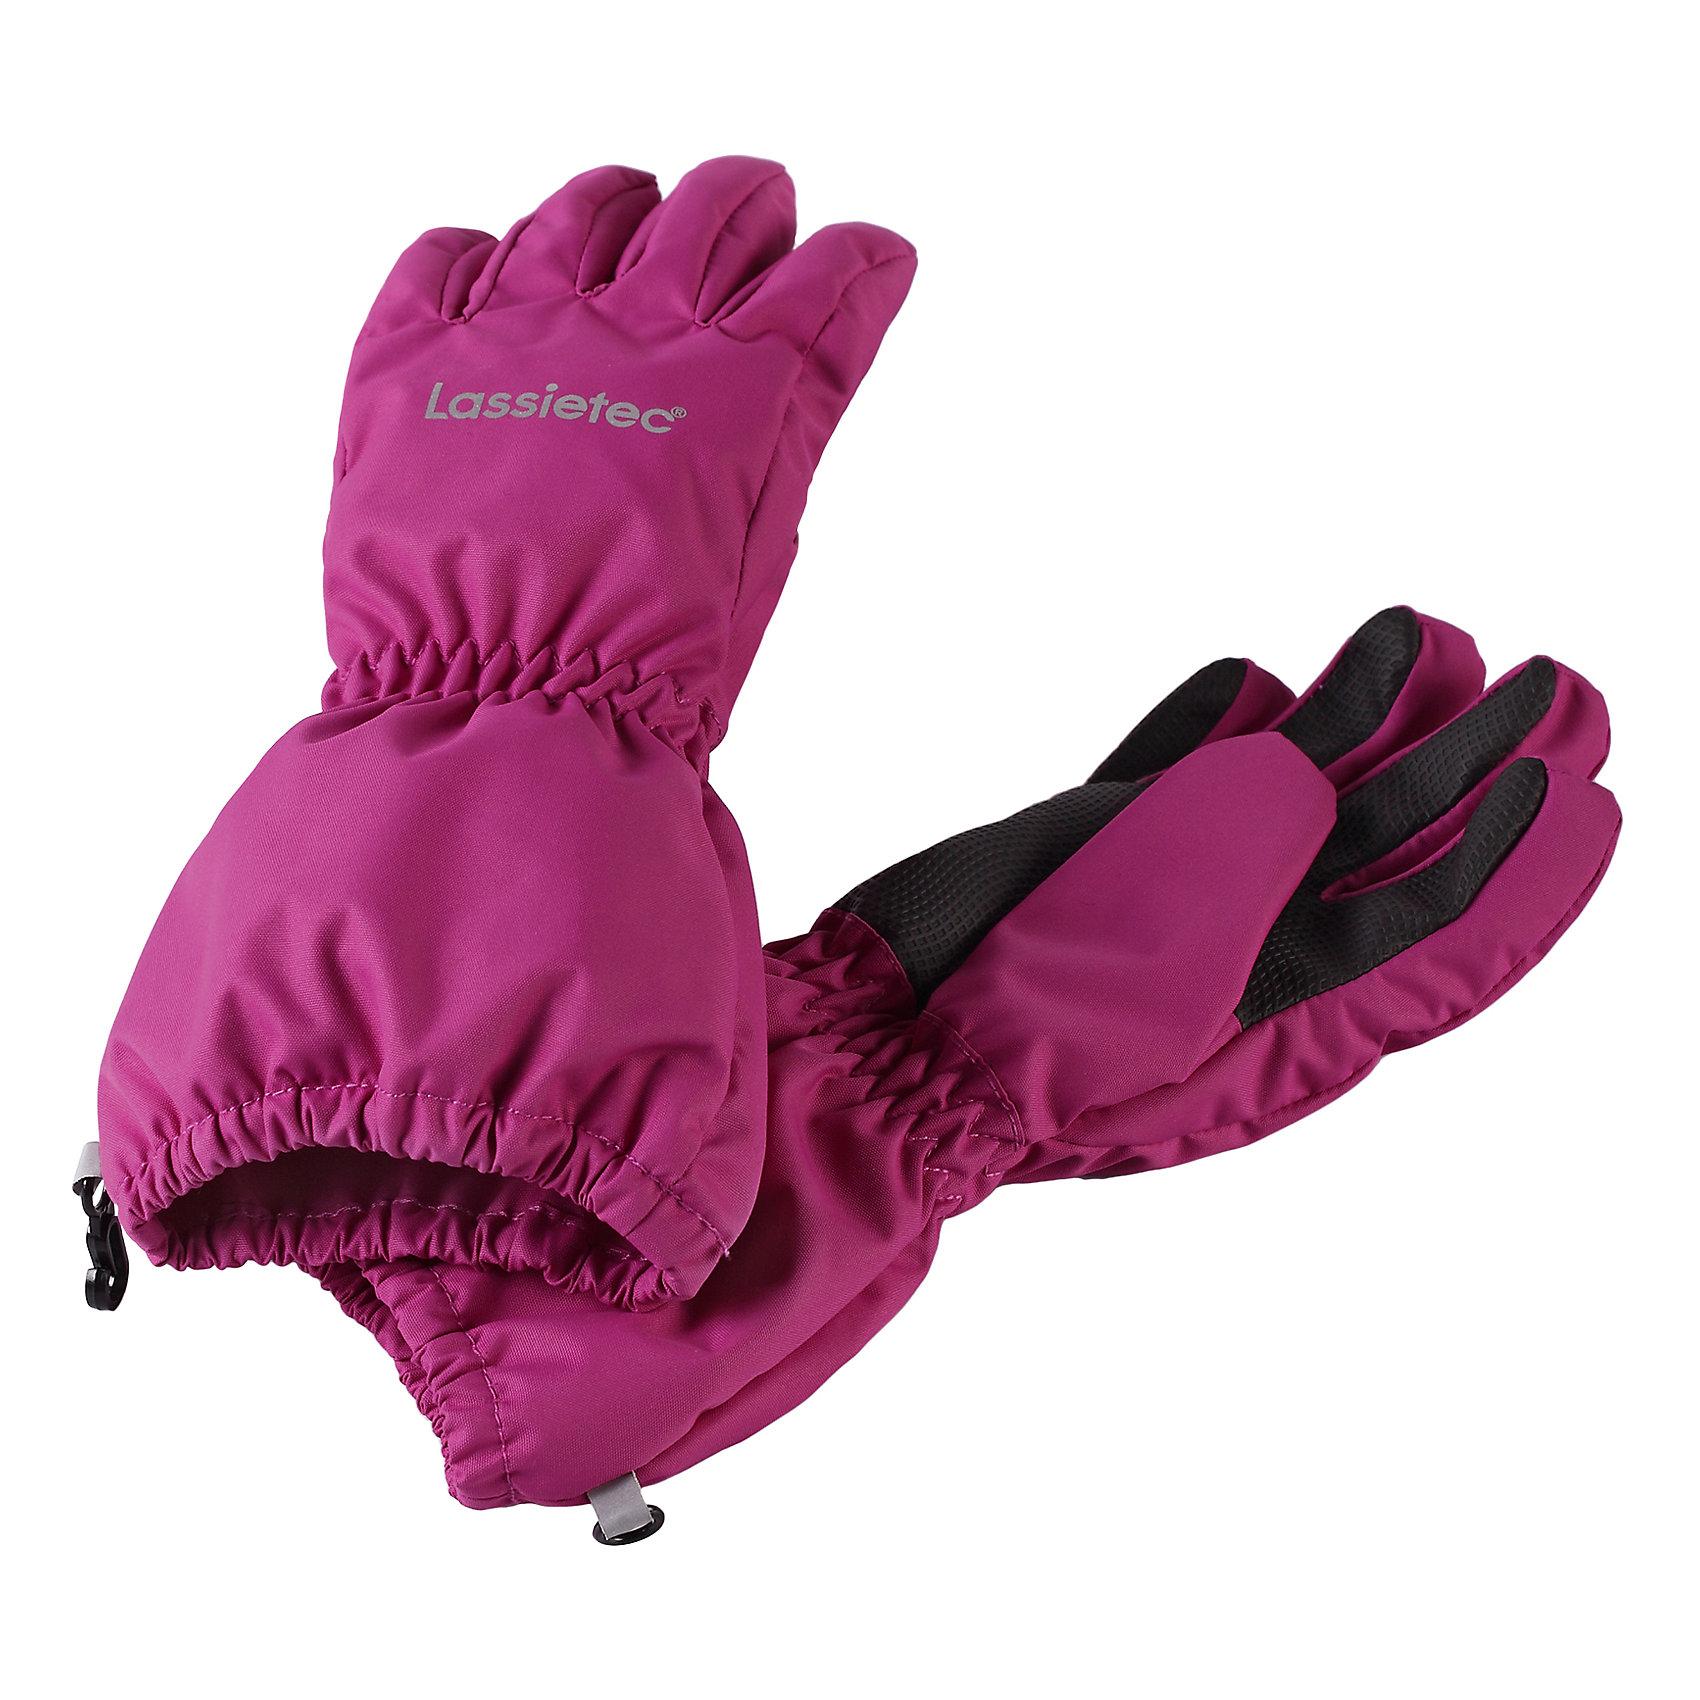 Перчатки LASSIEПерчатки и варежки<br>Характеристики товара:<br><br>• цвет: розовый<br>• температурный режим: от 0°до +10°С<br>• состав: 100% полиэстер, полиуретановое покрытие<br>• прочный материал<br>• подкладка из полиэстера с начесом<br>• водо- и ветронепроницаемый «дышащий» материал<br>• водонепроницаемая вставка<br>• накладки на ладонях, кончиках пальцев и больших пальцах<br>• страна производства: Китай<br>• страна бренда: Финляндия<br>• коллекция: весна-лето 2017<br><br>LASSIE представляет новые демисезонные перчатки. Они помогут обеспечить ребенку комфорт и дополнить наряд. Перчатки отлично смотрятся с различной одеждой. Изделия удобно сидят и модно выглядят. Просты в уходе, долго служат. Продуманный крой разрабатывался специально для детей.<br><br>Обувь и одежда от финского бренда LASSIE пользуются популярностью во многих странах. Они стильные, качественные и удобные. Для производства продукции используются только безопасные, проверенные материалы и фурнитура. Порадуйте ребенка модными и красивыми вещами от Lassie®! <br><br>Перчатки от финского бренда LASSIE можно купить в нашем интернет-магазине.<br><br>Ширина мм: 162<br>Глубина мм: 171<br>Высота мм: 55<br>Вес г: 119<br>Цвет: розовый<br>Возраст от месяцев: 24<br>Возраст до месяцев: 48<br>Пол: Женский<br>Возраст: Детский<br>Размер: 3,6,5,4<br>SKU: 5264245